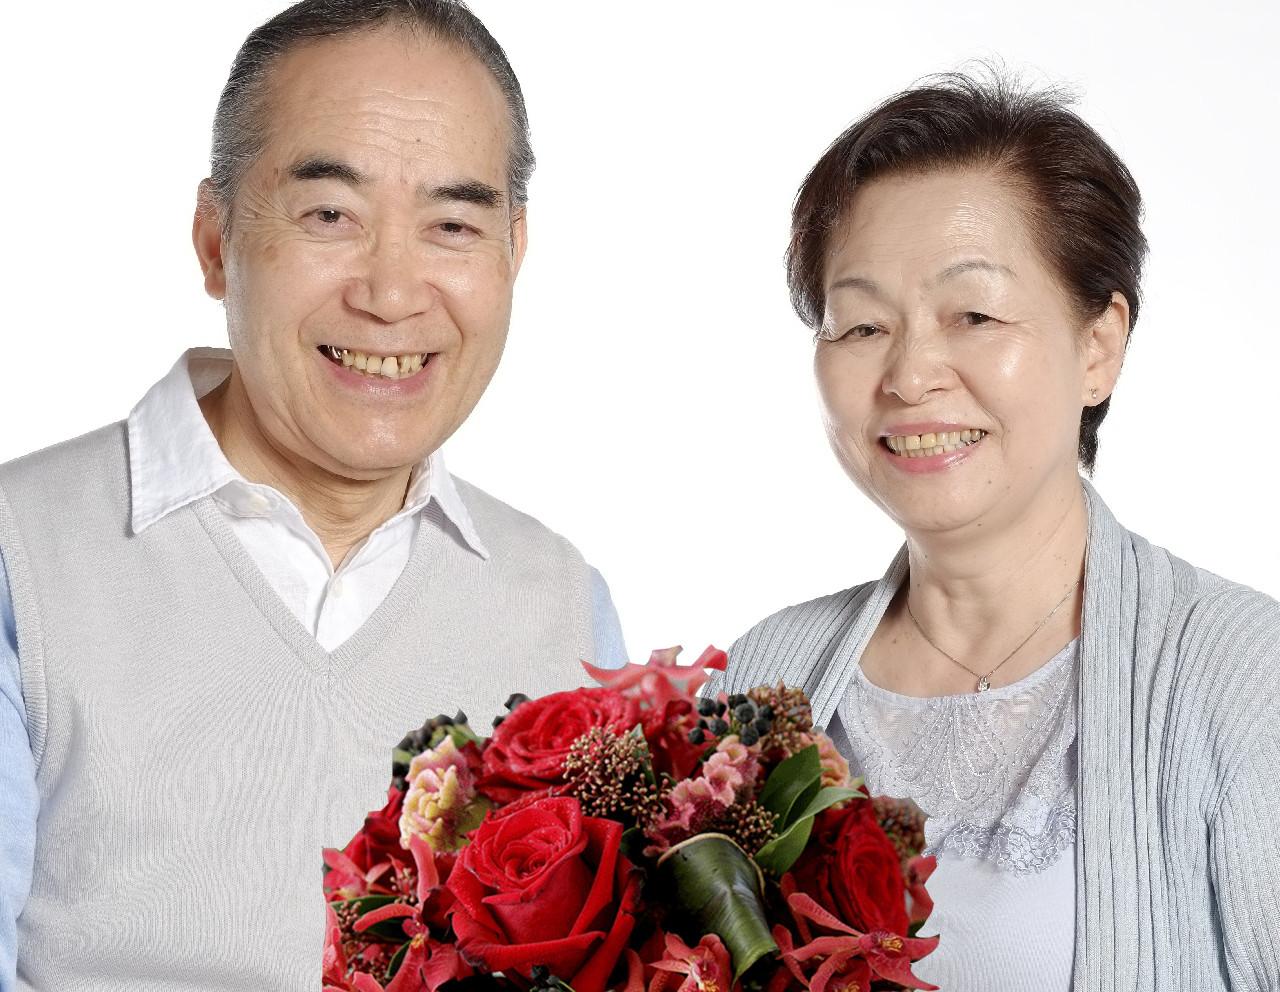 還暦や敬老のプレゼントに赤いお花でパワーをプラスしてあげてください。